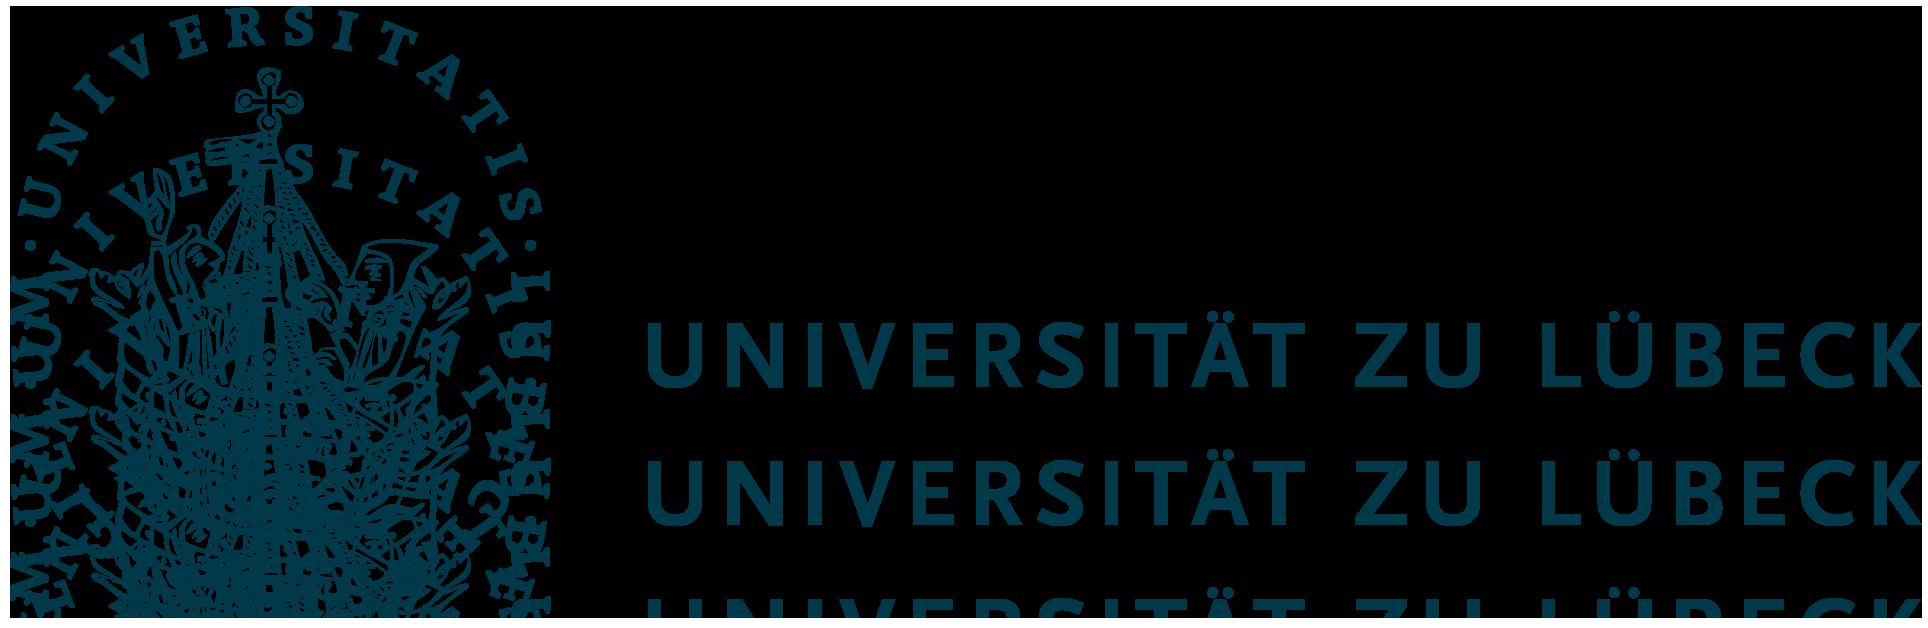 Wissenschaftliche/r Mitarbeiter/in (m/w/d) - Universität zu Lübeck - logo